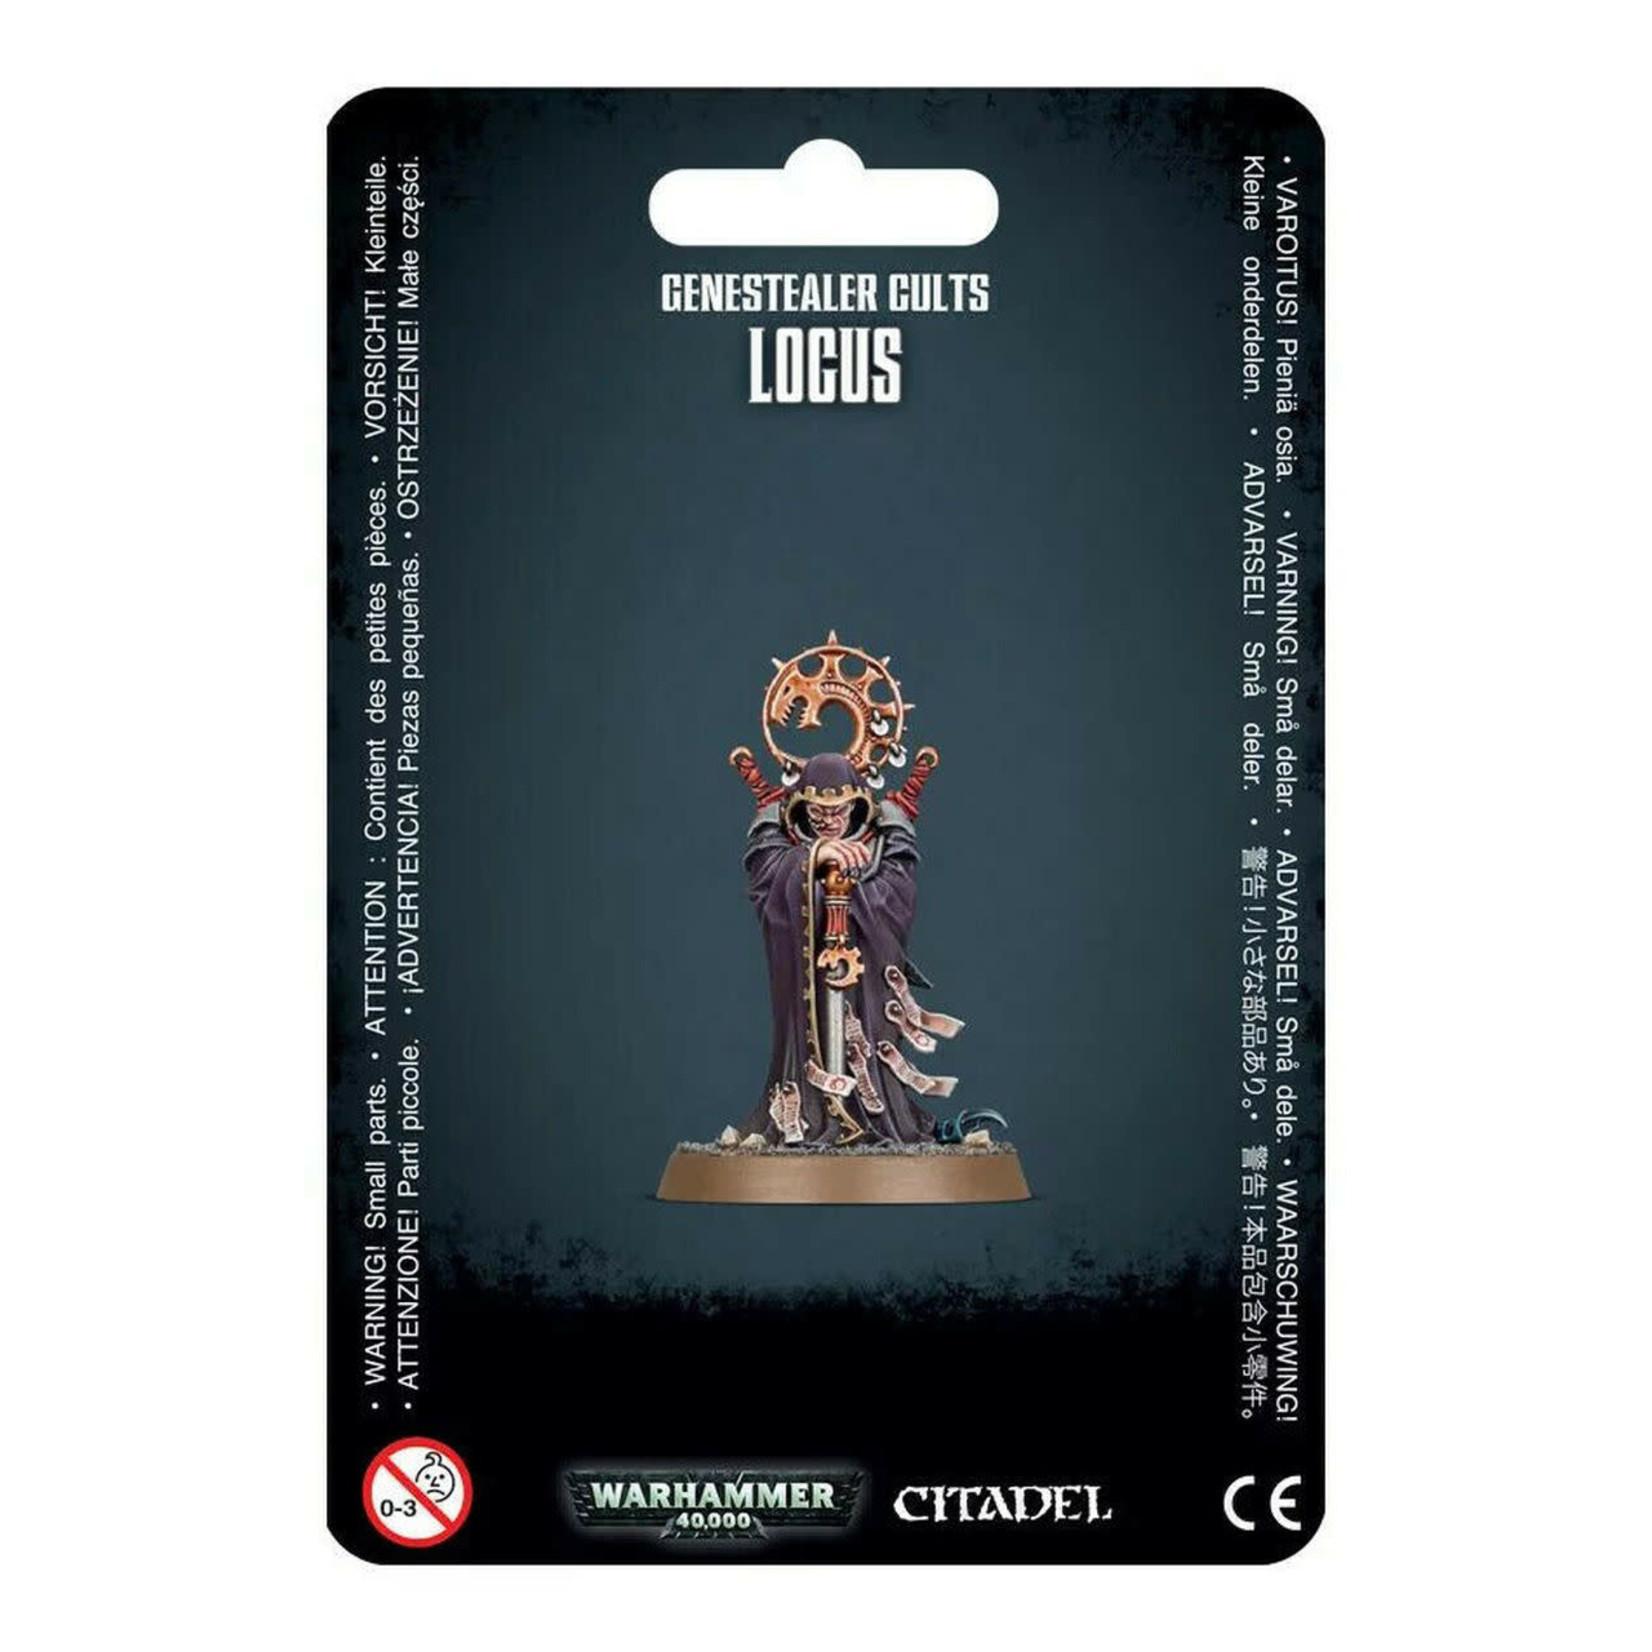 Games Workshop Warhammer 40k: Genestealer Cults - Locus